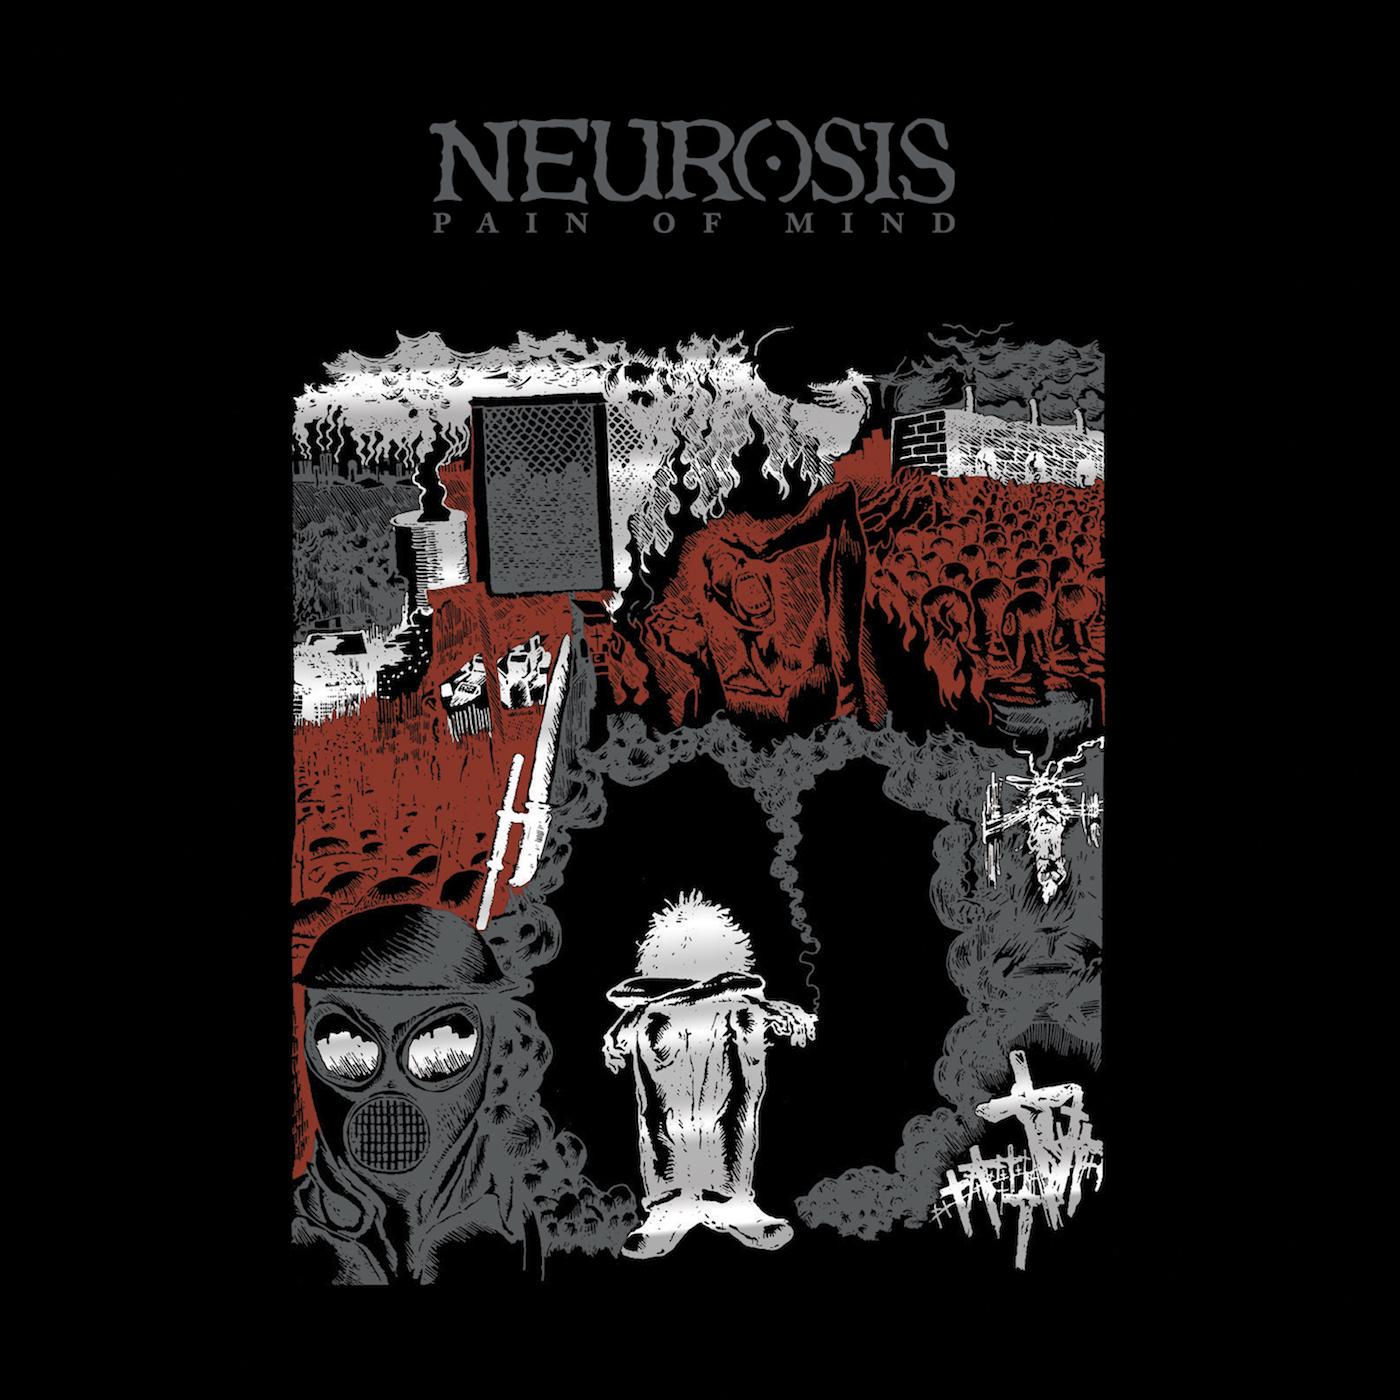 NR107_Neurosis_Painofmind-web.jpeg